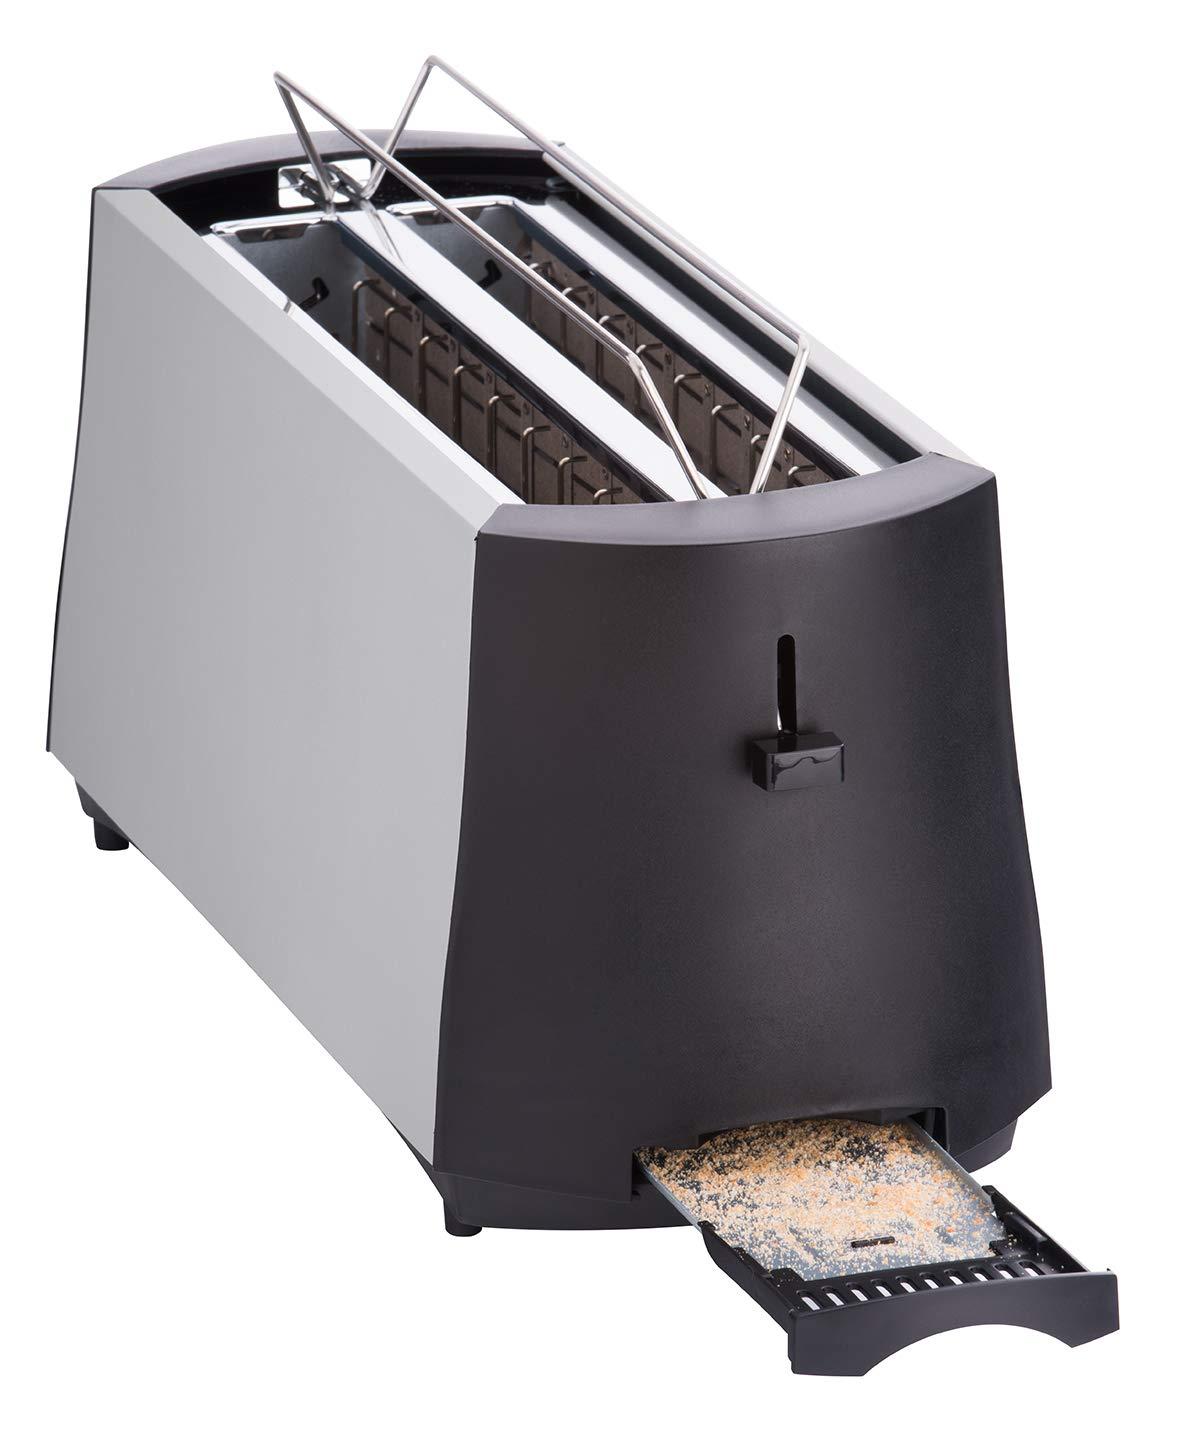 Cloer-3710-Langschlitztoaster-fr-4-Toastscheiben-1380-W-integrierter-Brtchenaufsatz-Nachhebevorrichtung-Krmelschublade-mattiertes-wrmeisoliertes-Metallgehuse